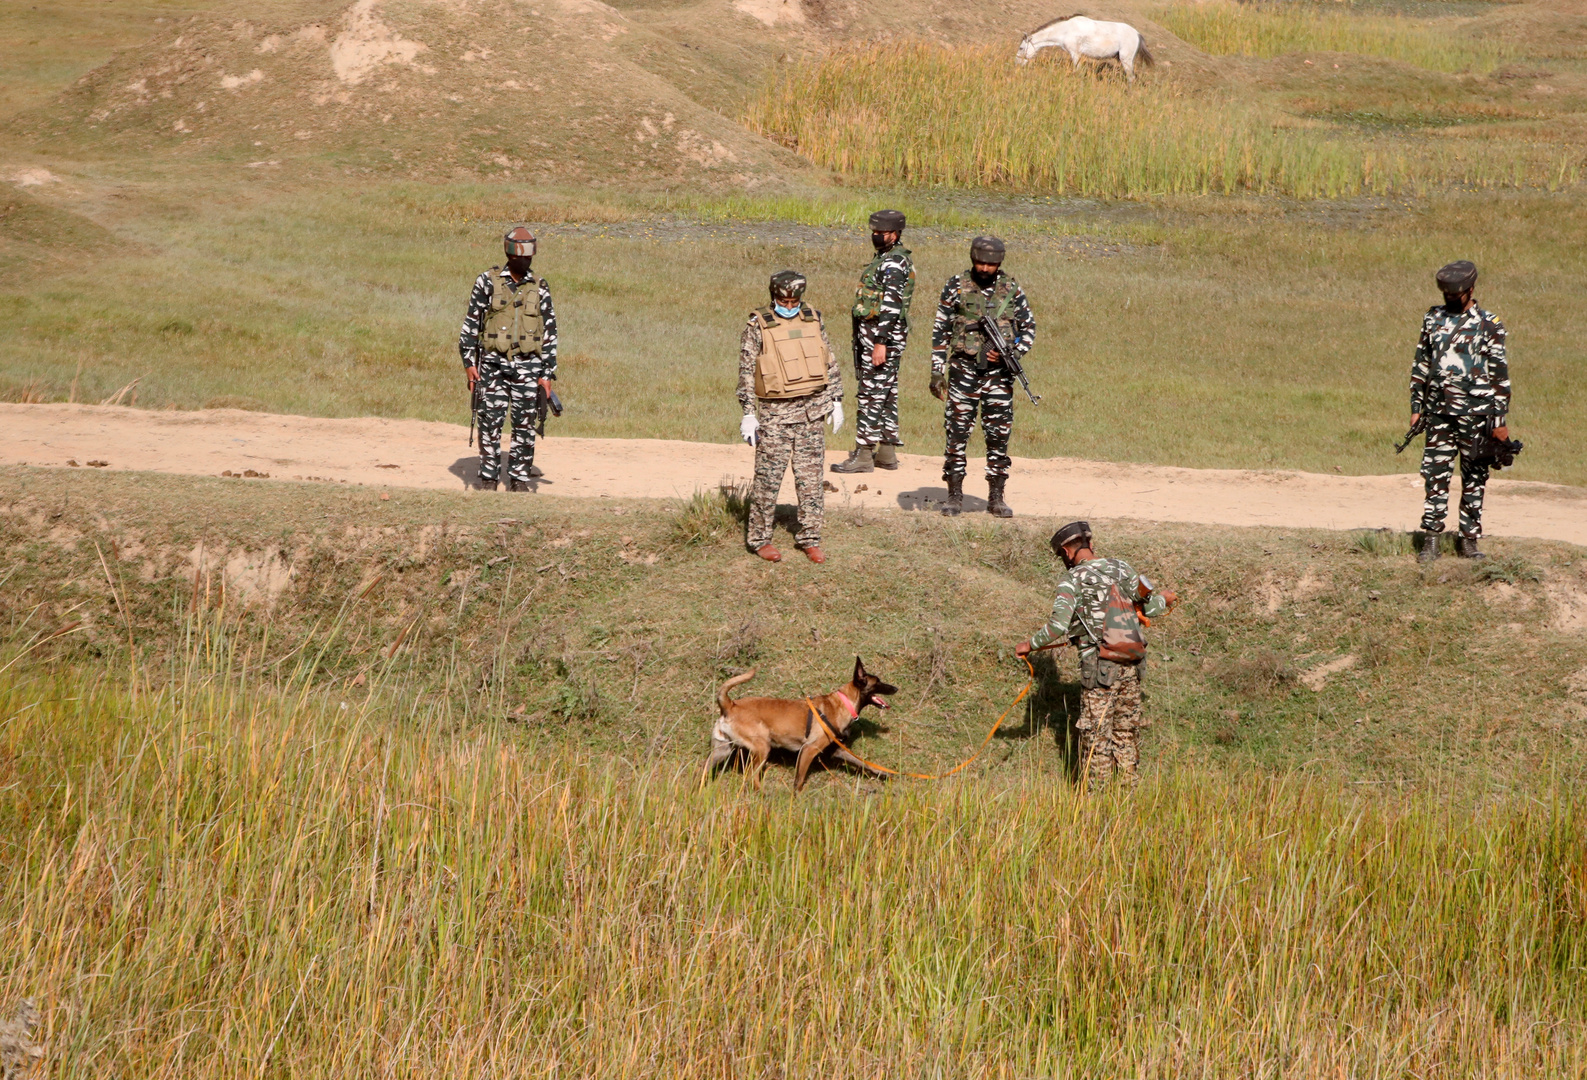 القوات الهندية في منطقة بامبور. الصورة: أرشيف.